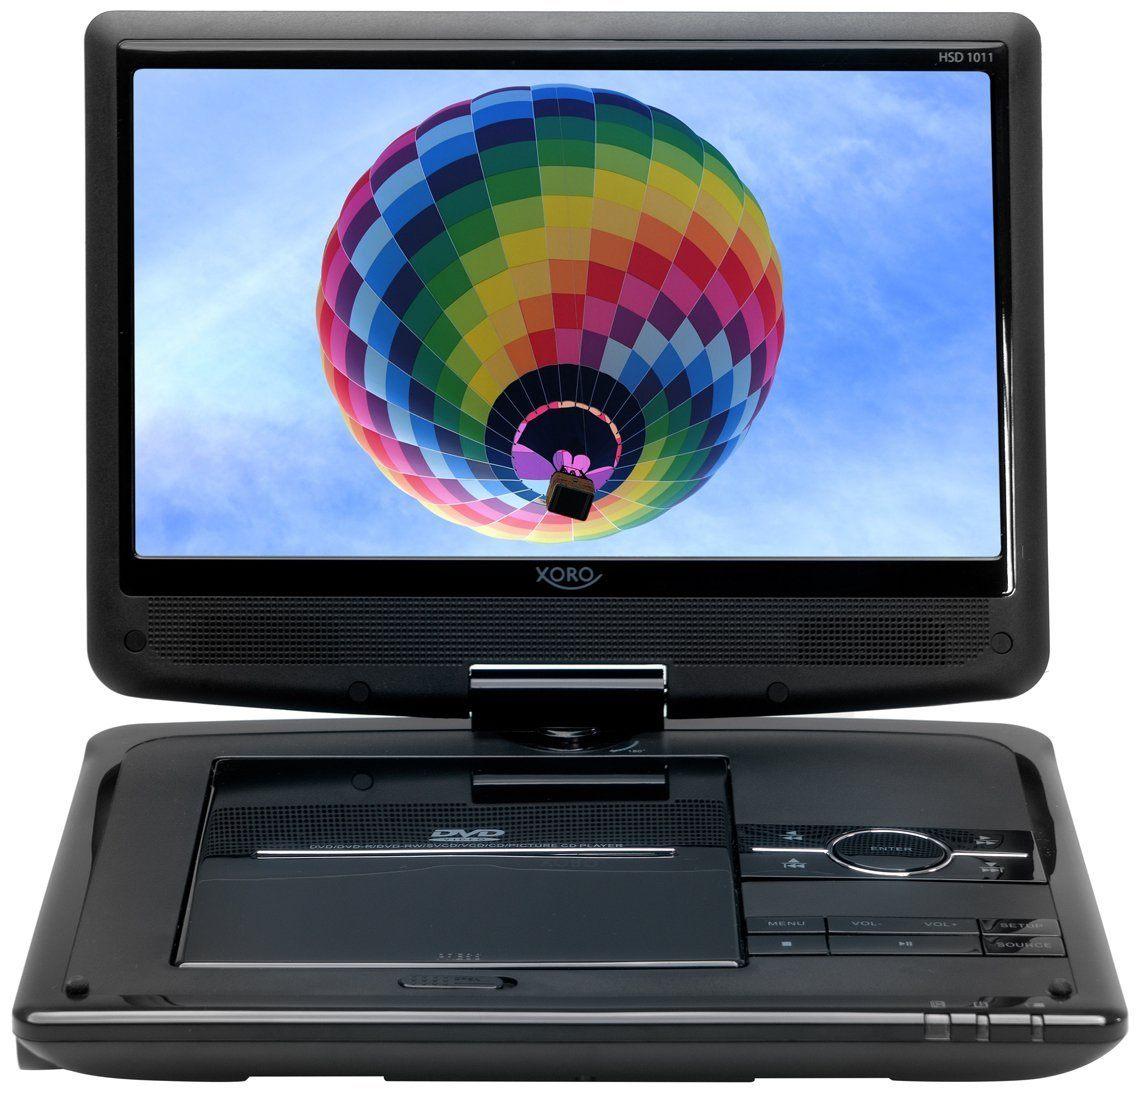 Xoro HSD 1011 Tragbarer DVD-Player mit DVB-T2 Tuner und 25,6 cm